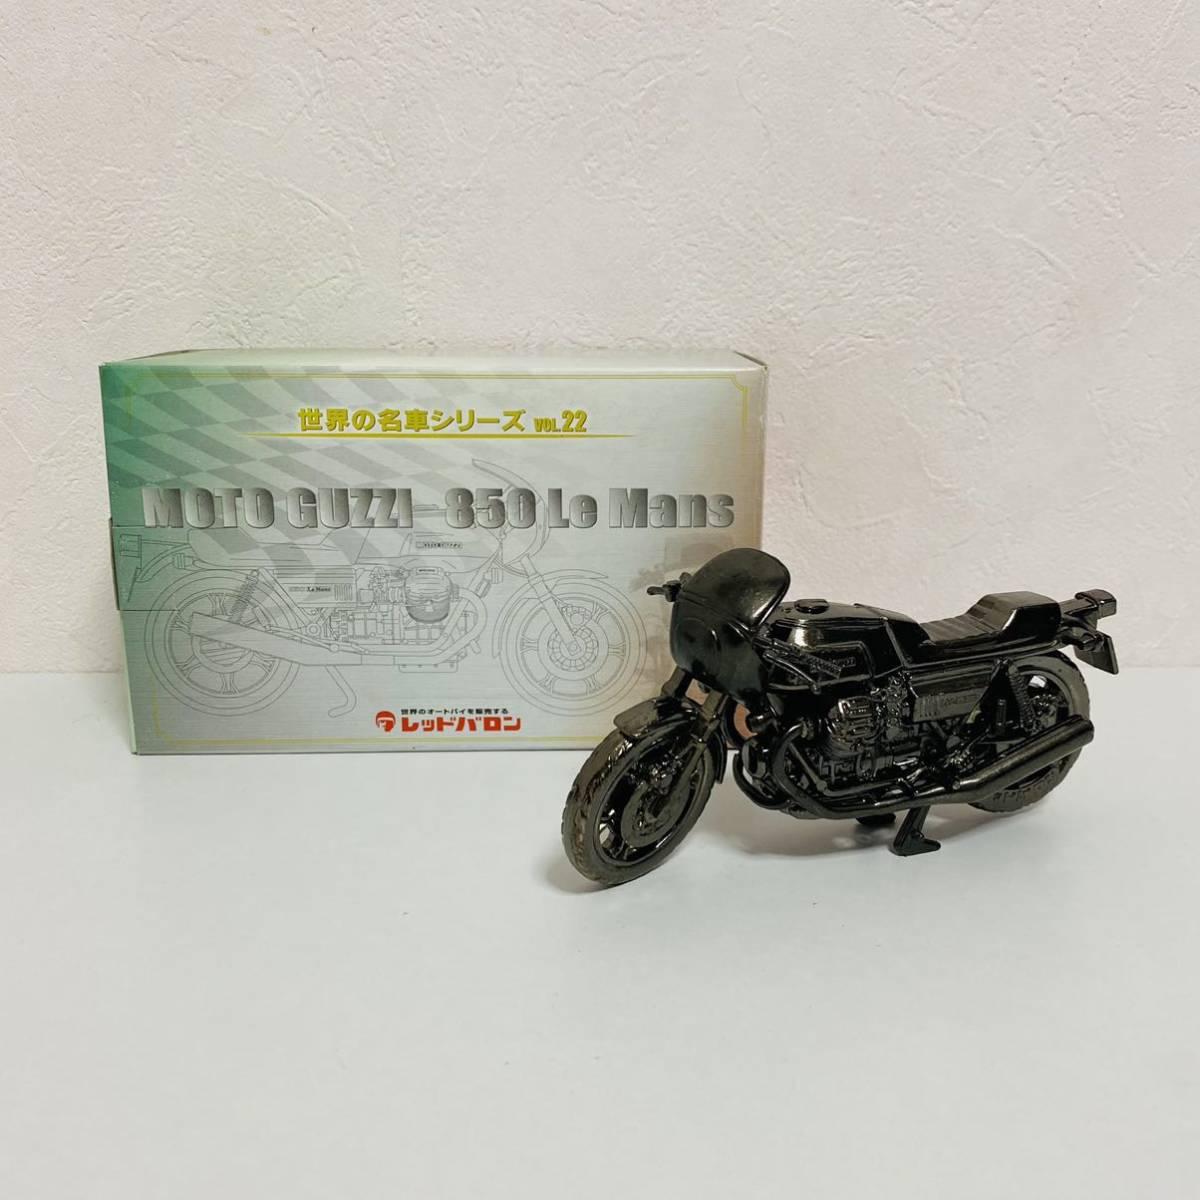 【美品】レッドバロン 世界の名車シリーズ VOL.22 MOTO GUZZI 850 Le Mans オートバイ バイク 希少 レア_画像1